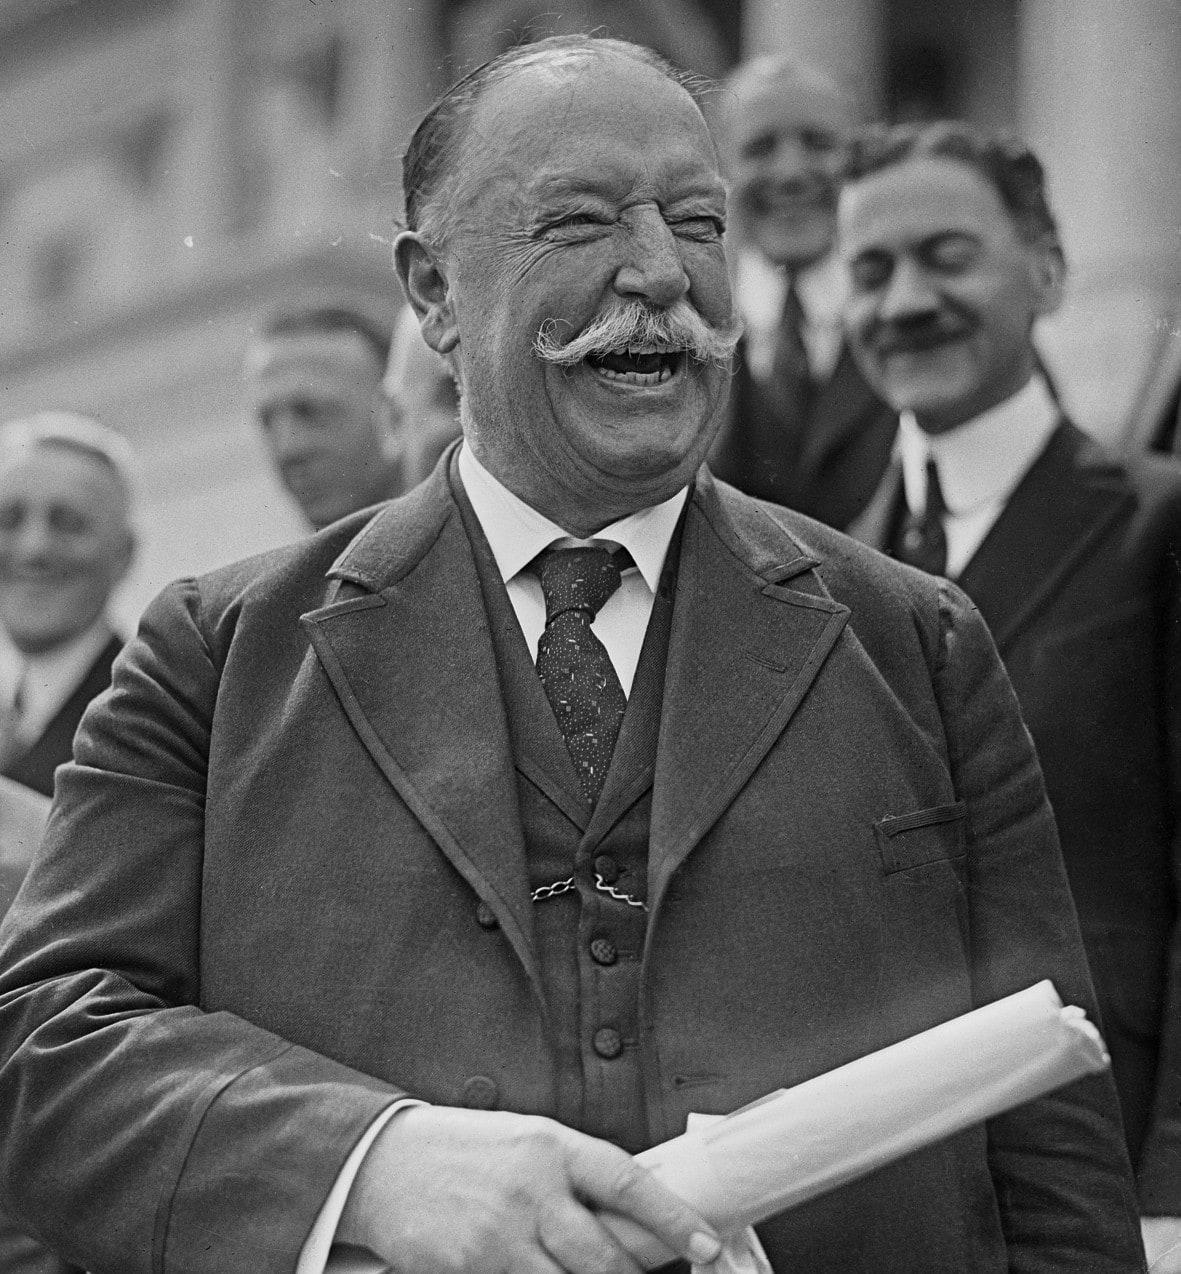 Khi làm Chánh toà Tối cao, William Taft được công chúng yêu mến vì sự hóm hỉnh, công tâm và điềm đạm. Ảnh: Histroy